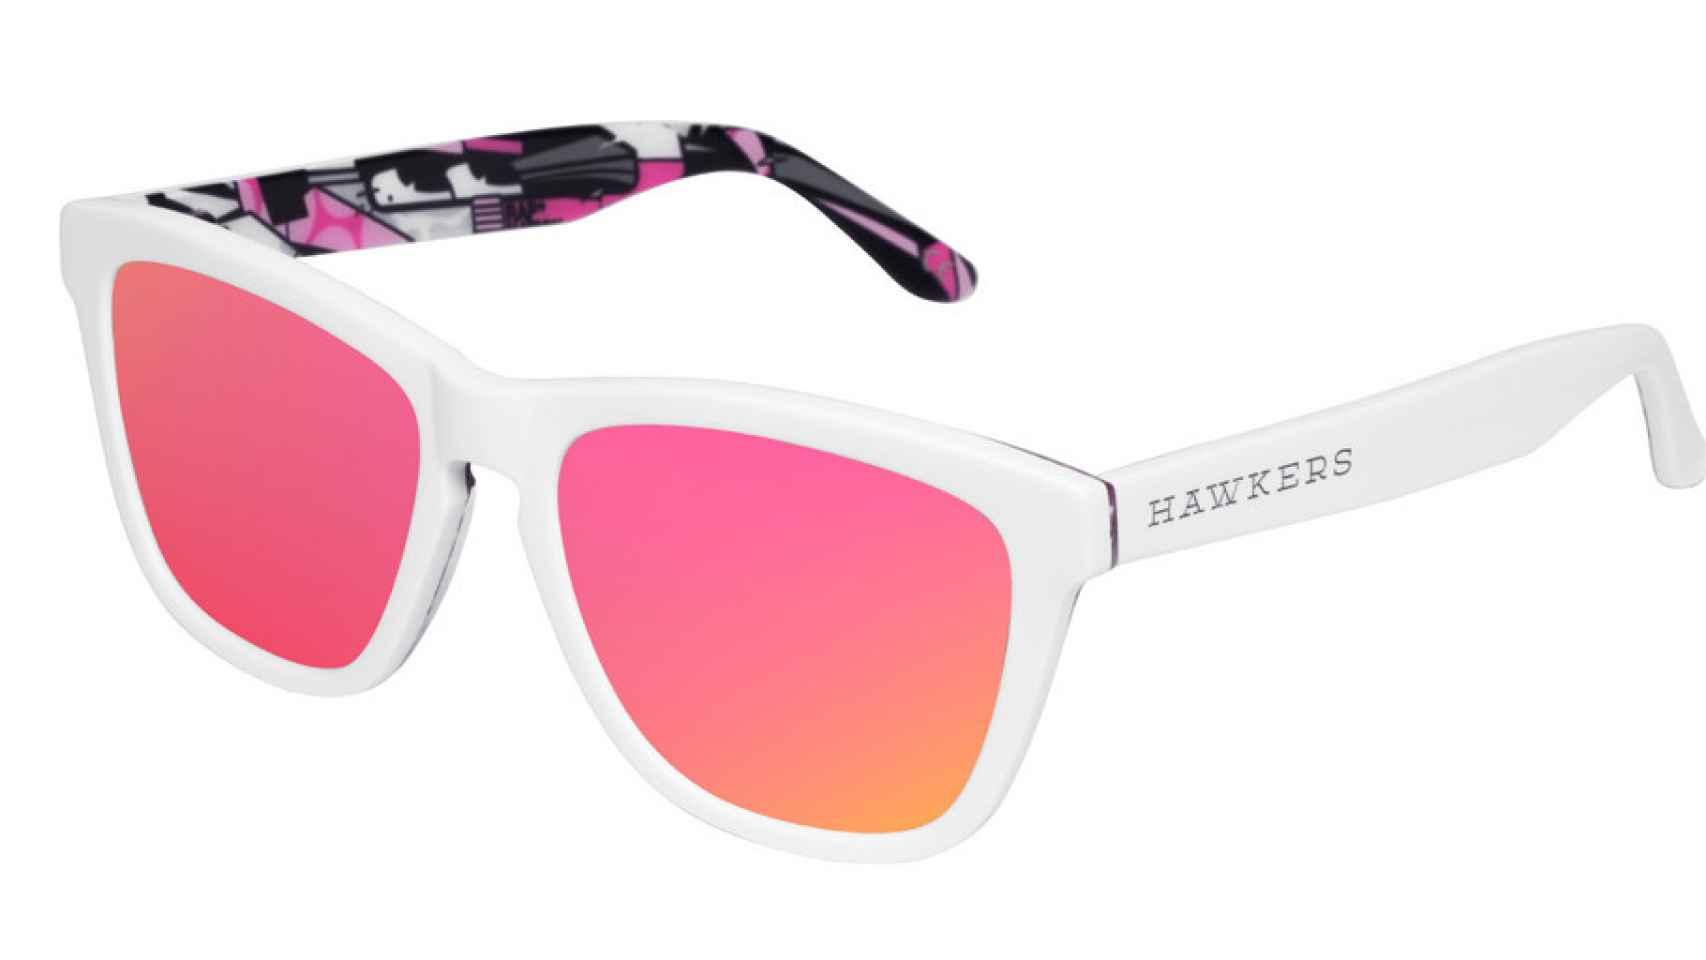 Gafas de Hawkers (40,00 euros).